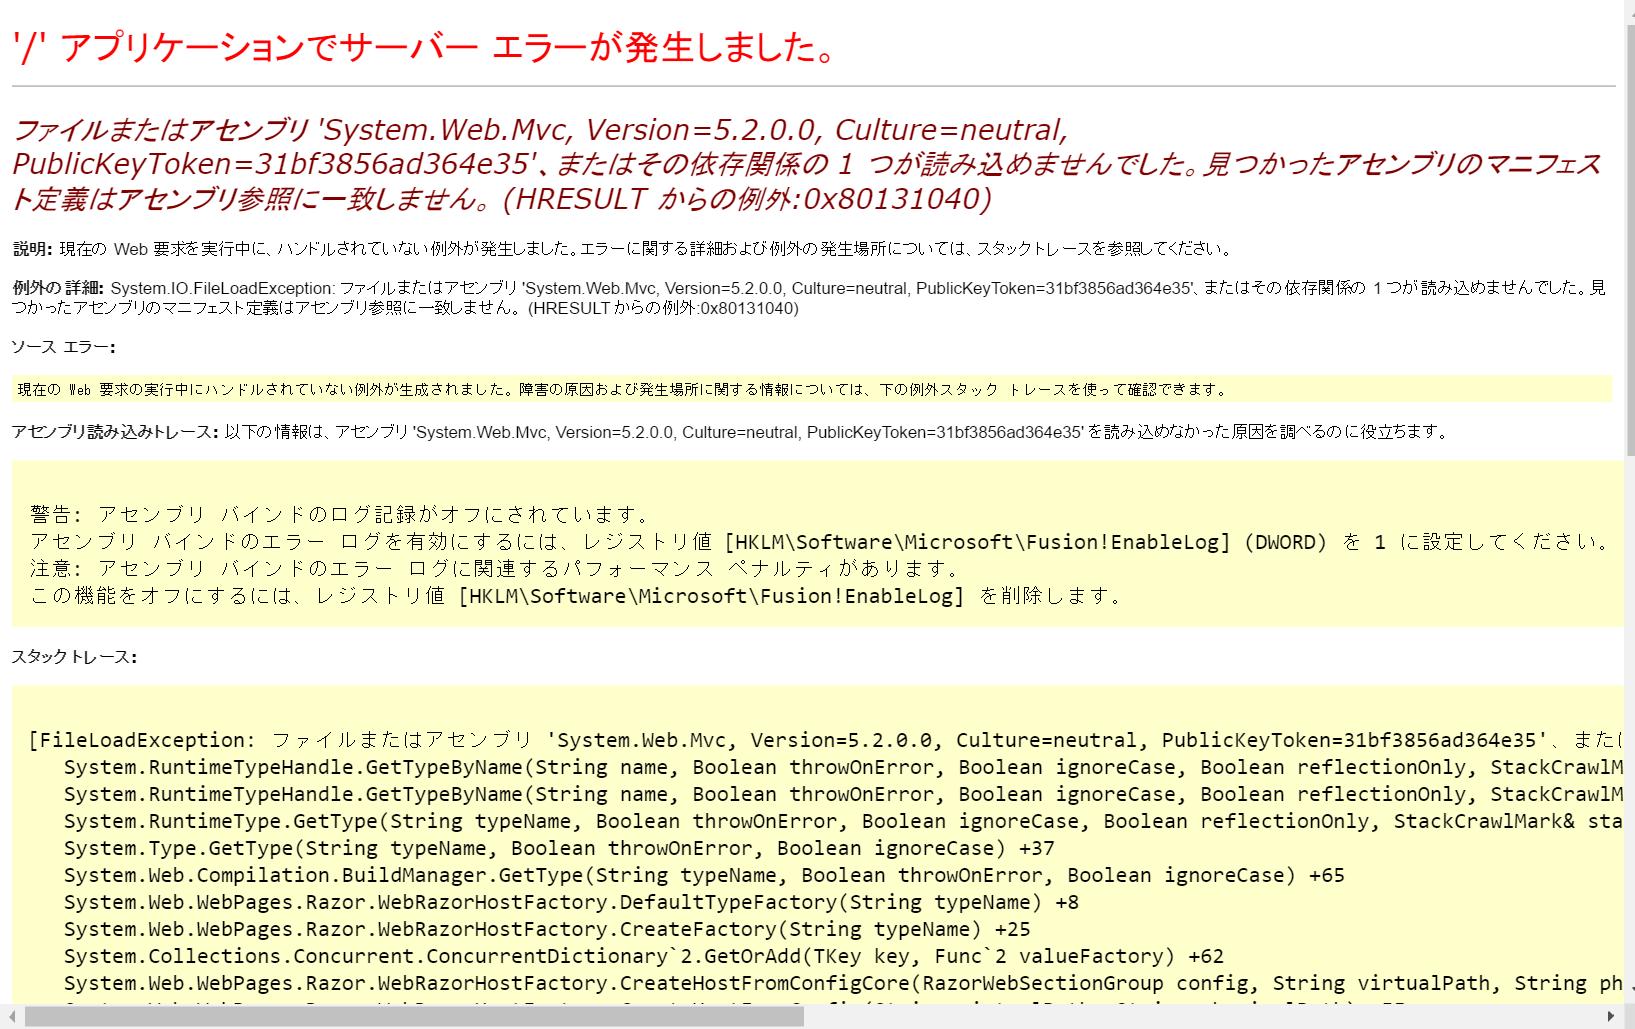 WebForms に MVC5 を含めたプロジェクトですぐに発生した問題